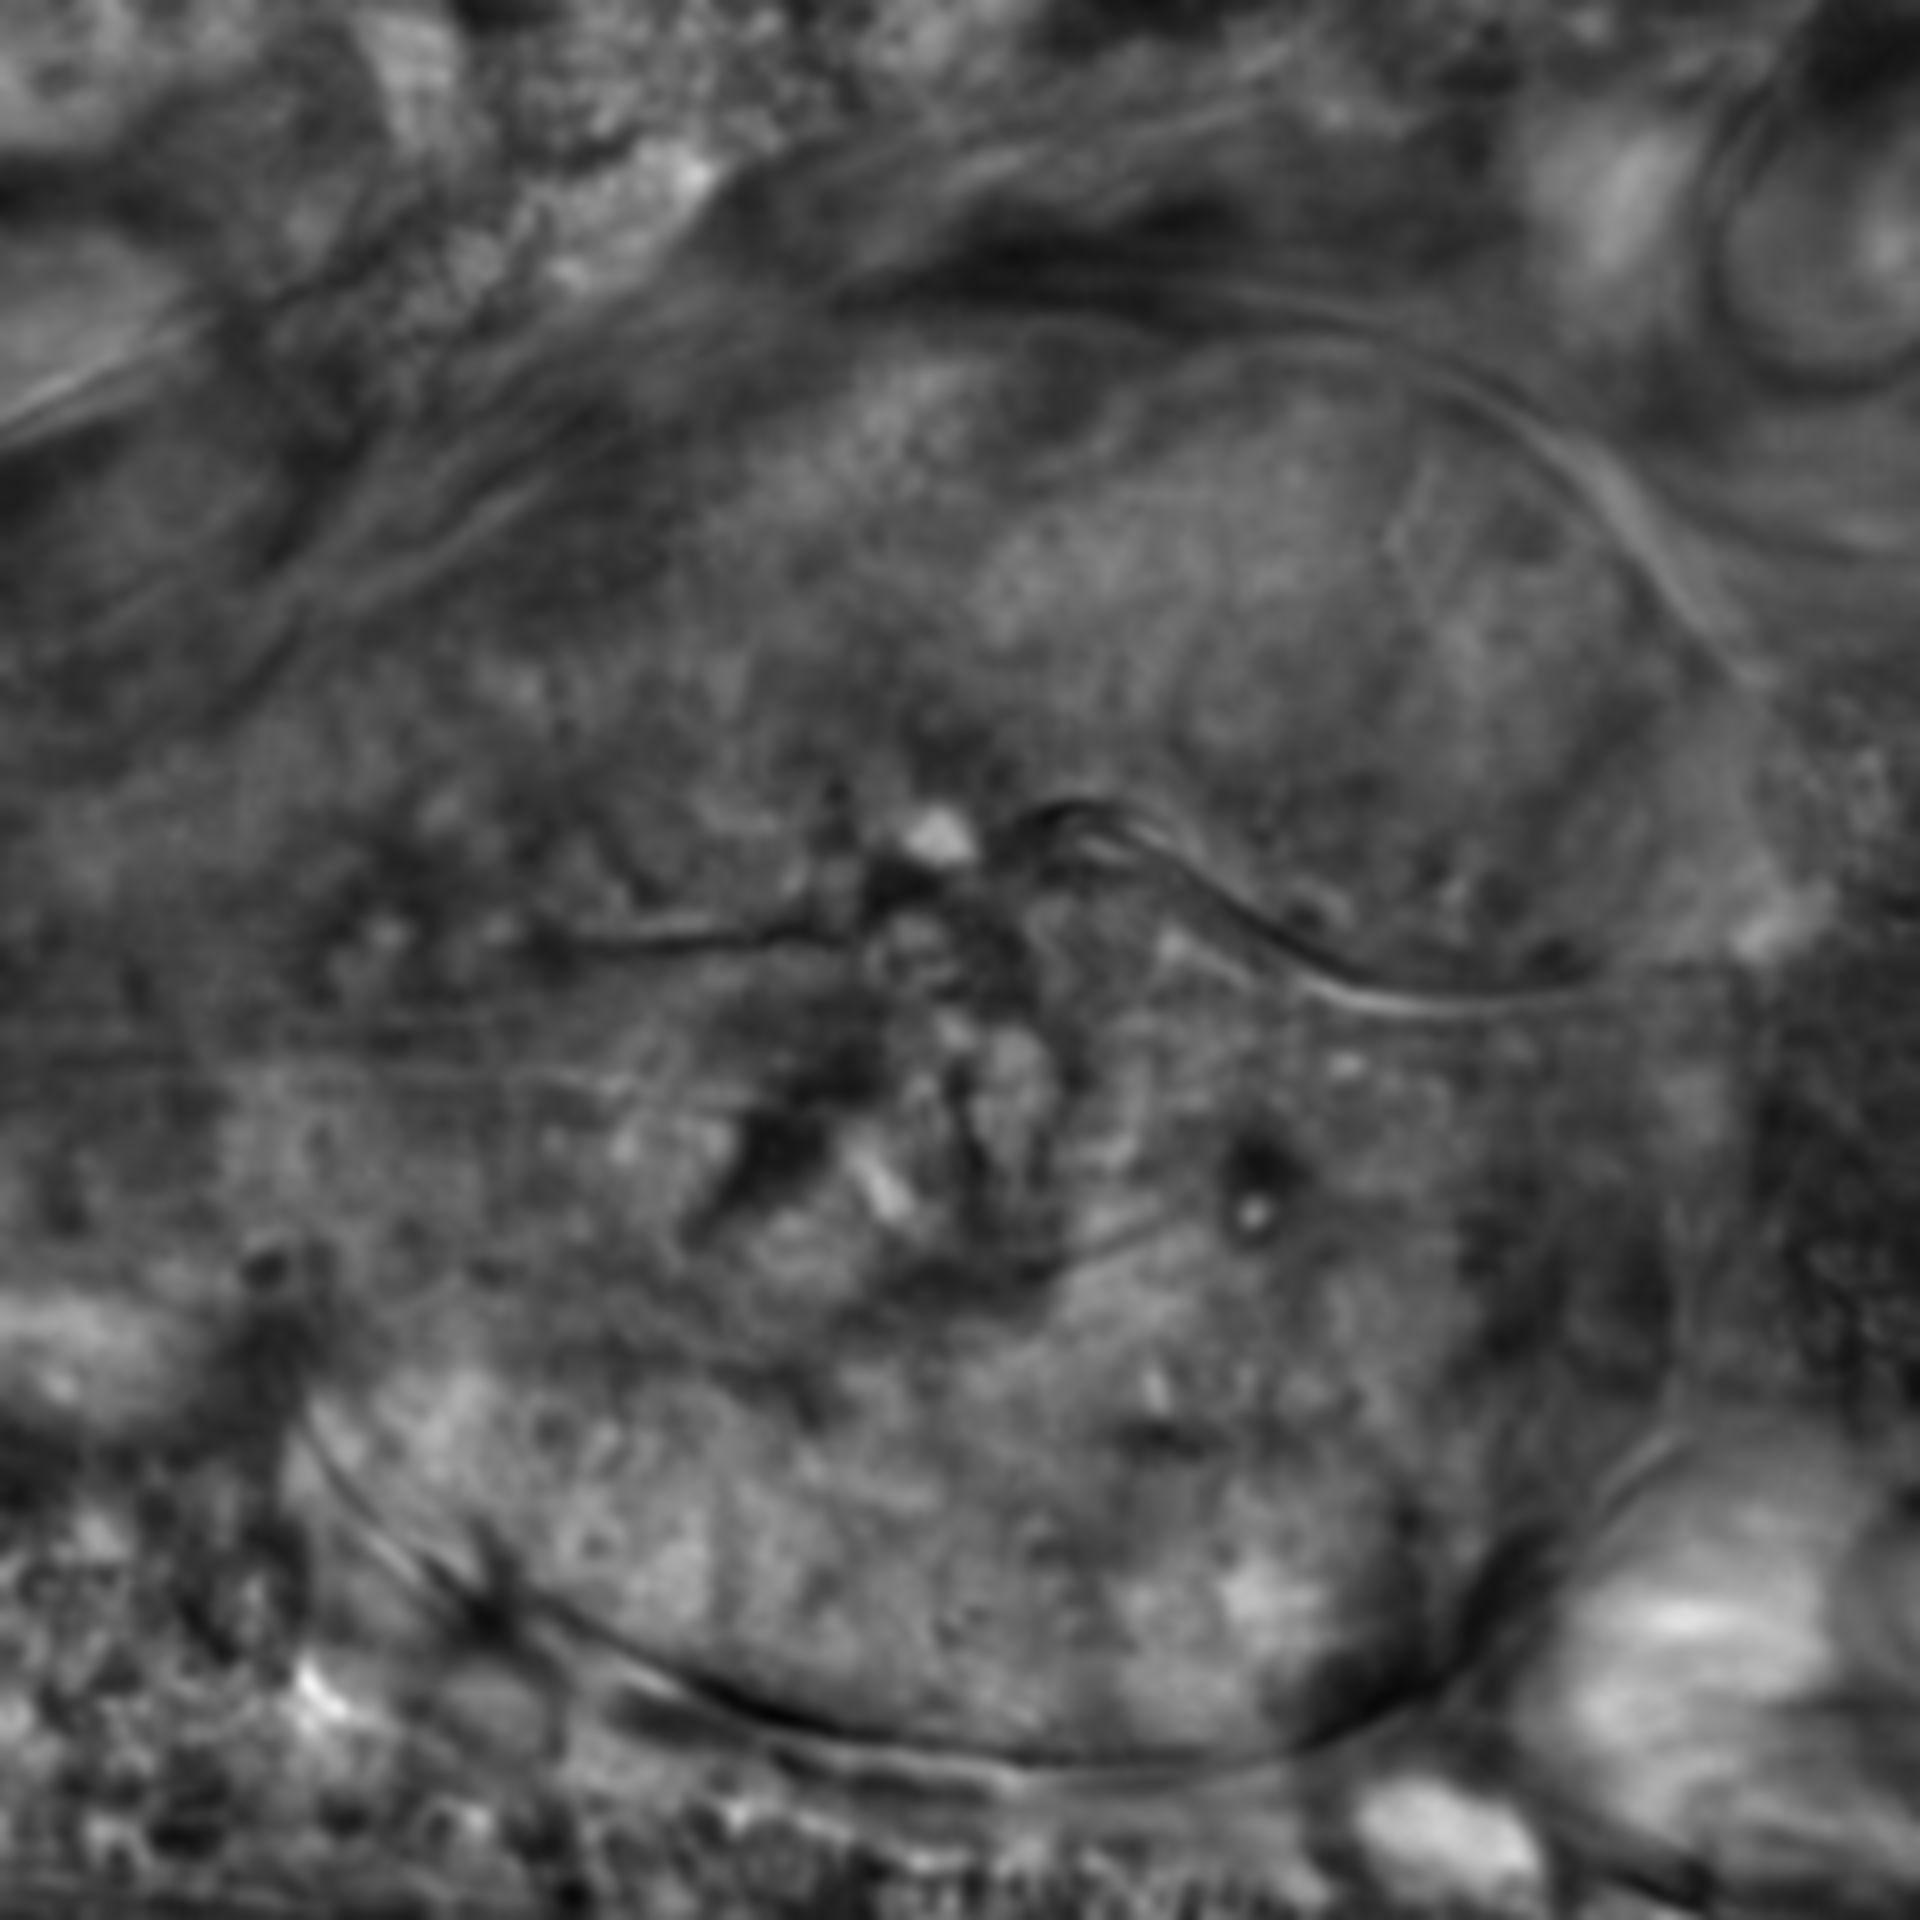 Caenorhabditis elegans - CIL:2706